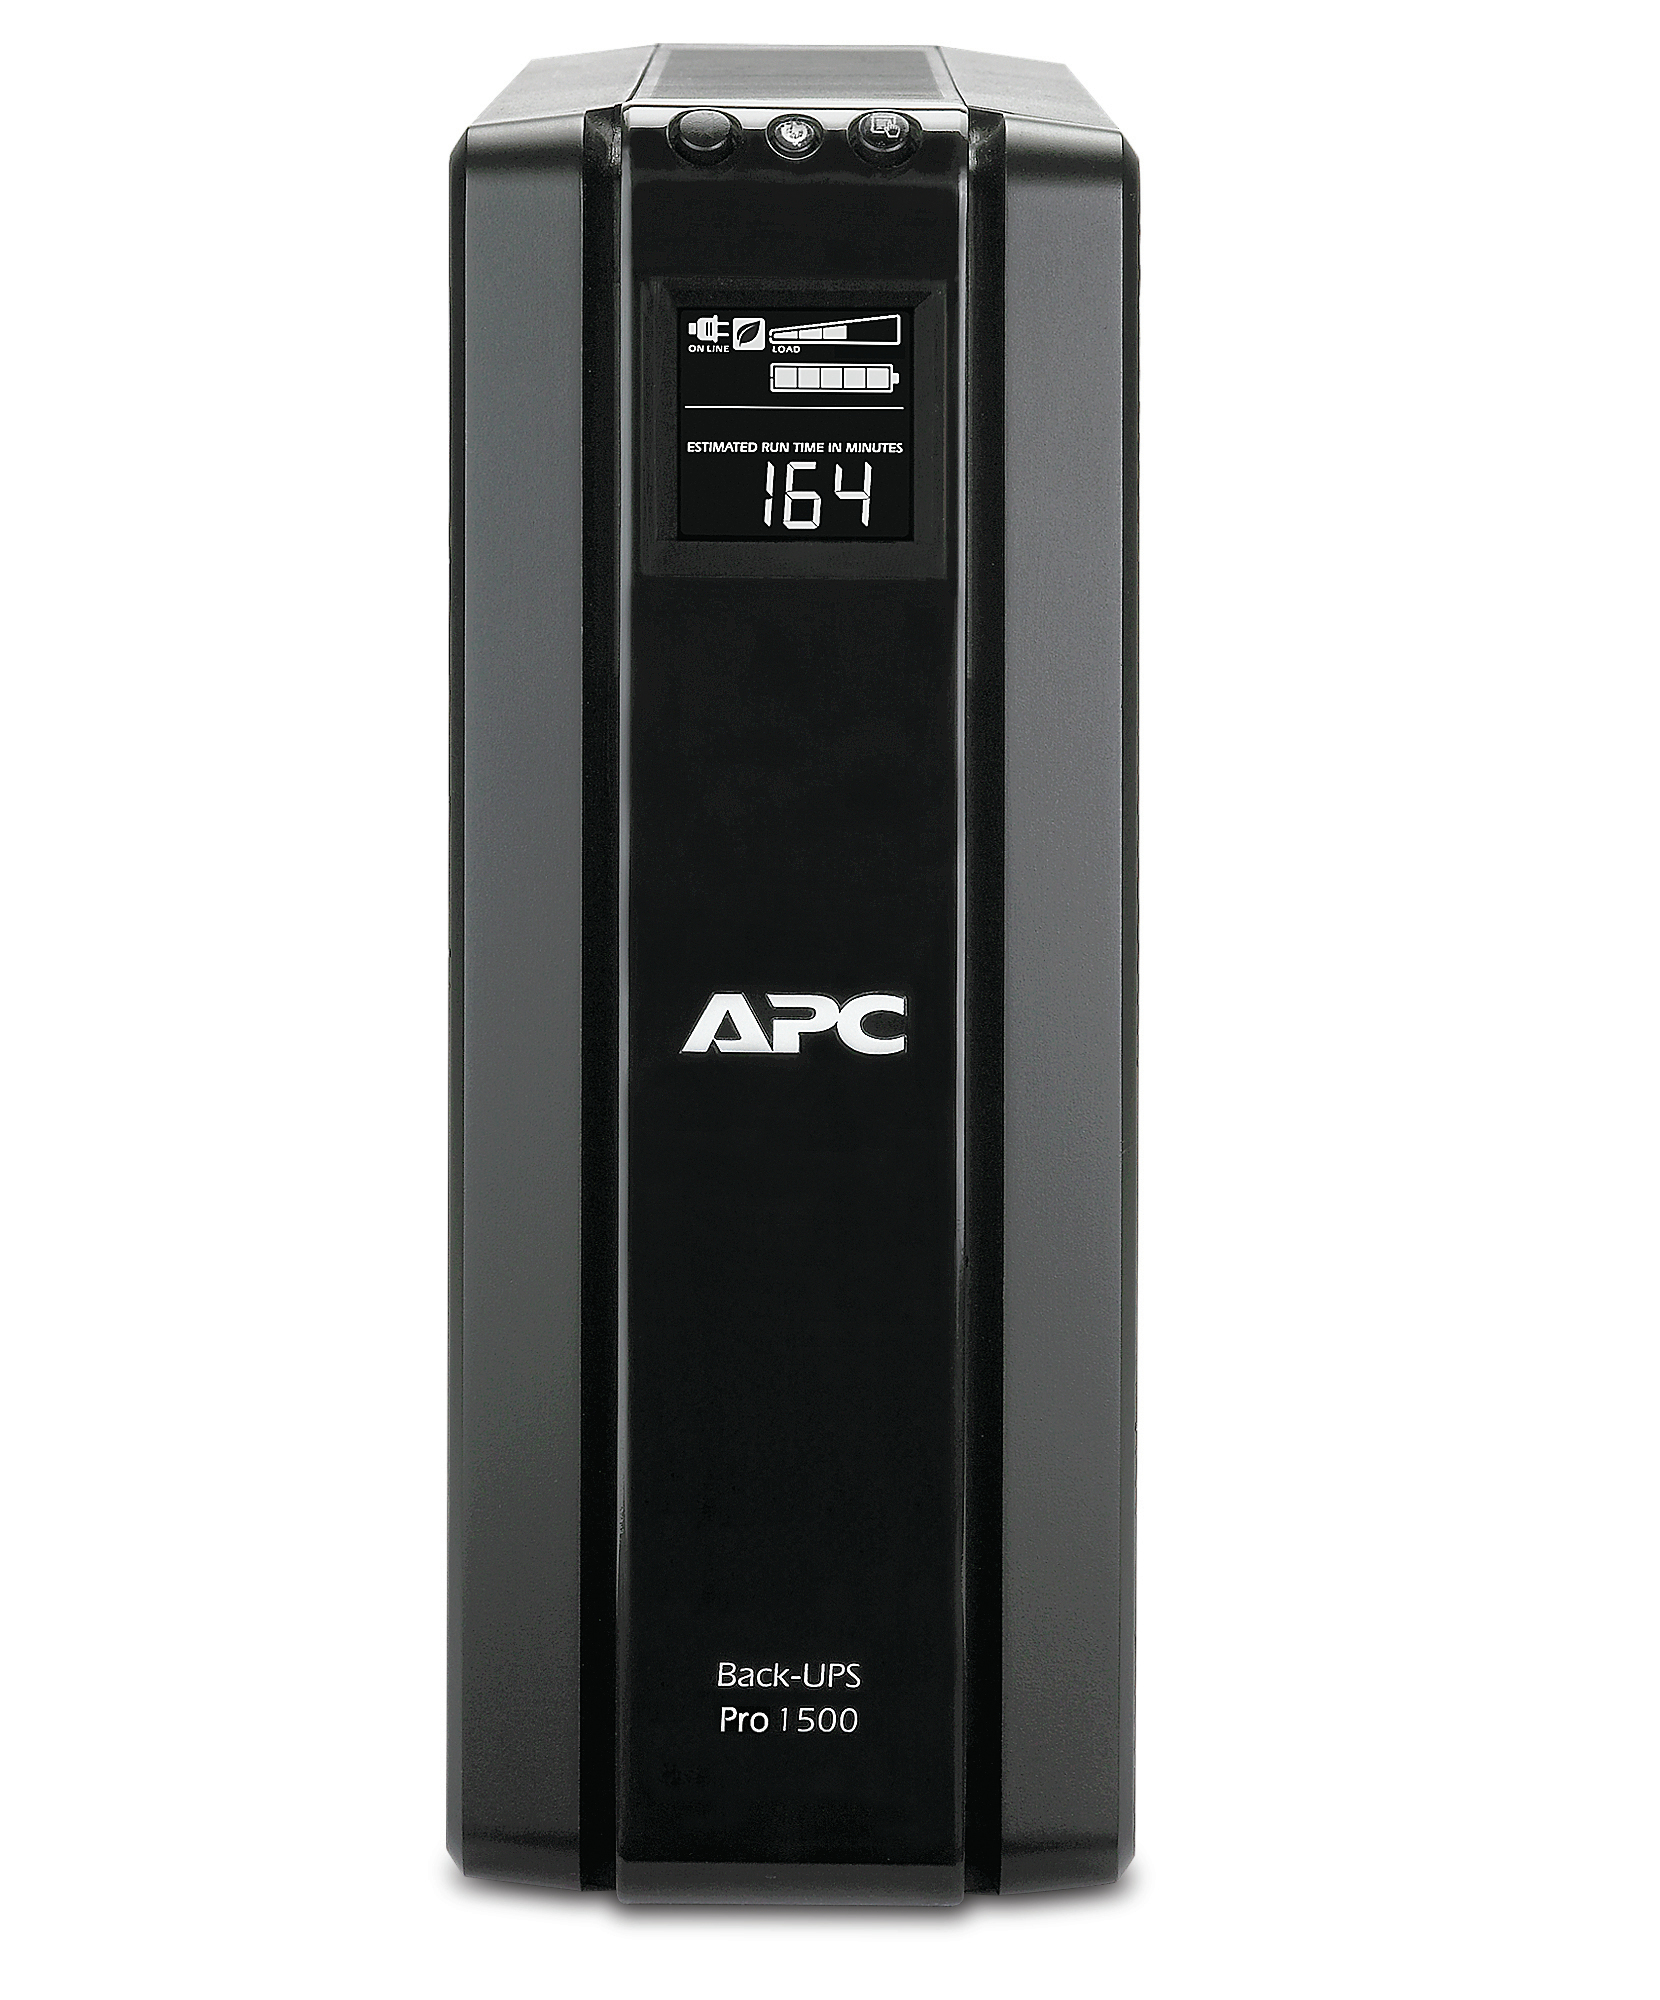 Back-UPS Pro 1500 UPS (865 Watt , 1500 VA, USB, 6 output connectors)